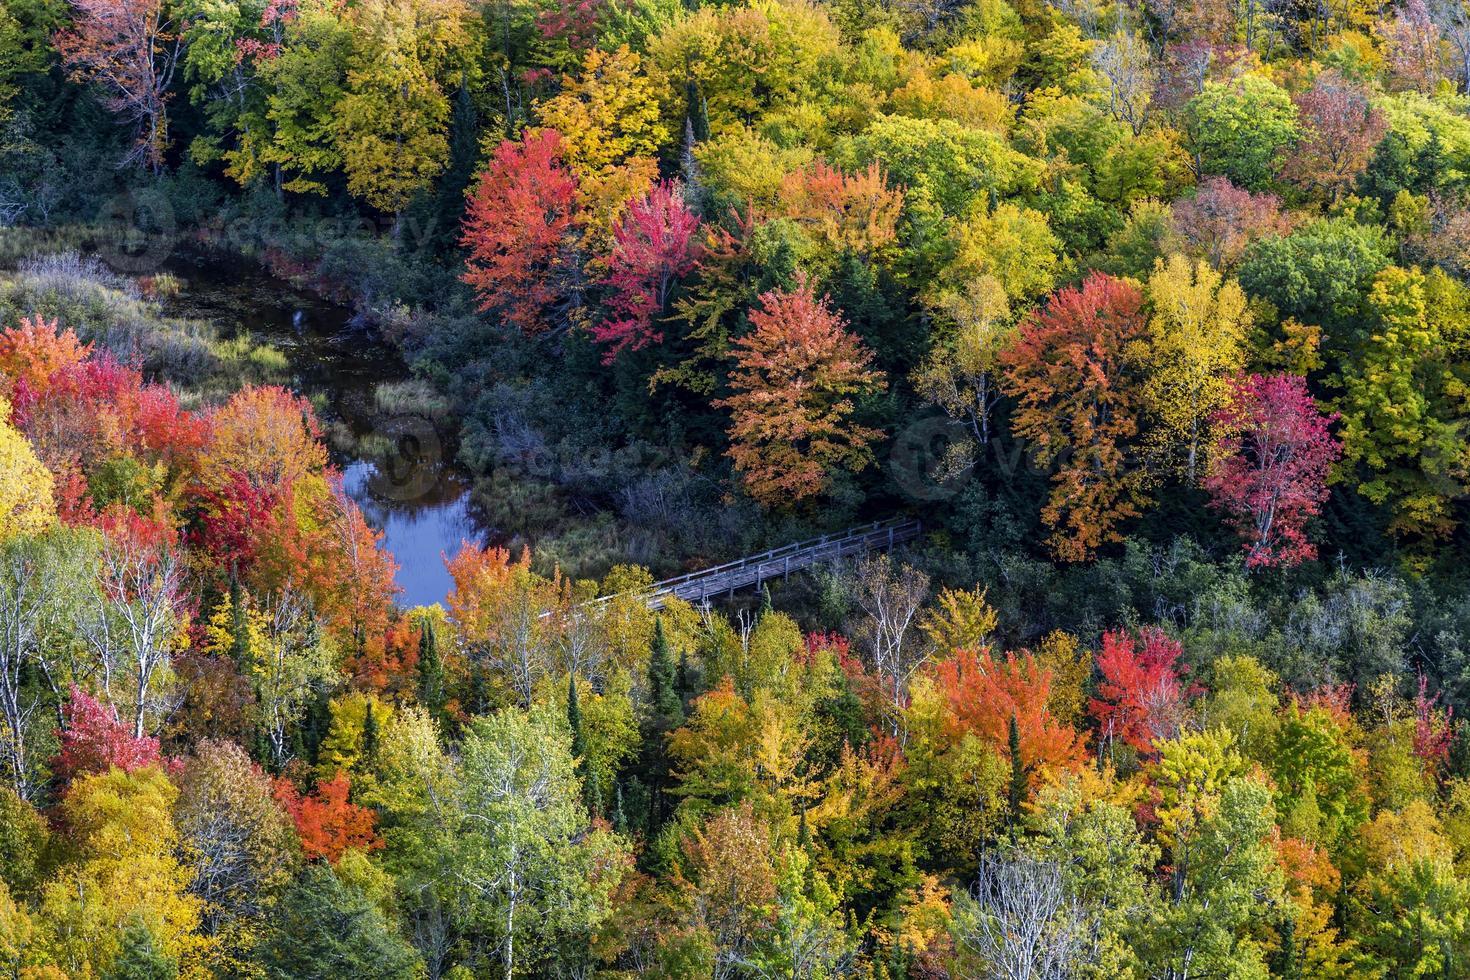 cai cores no rio carpa, parque estadual de montanhas porco-espinho foto